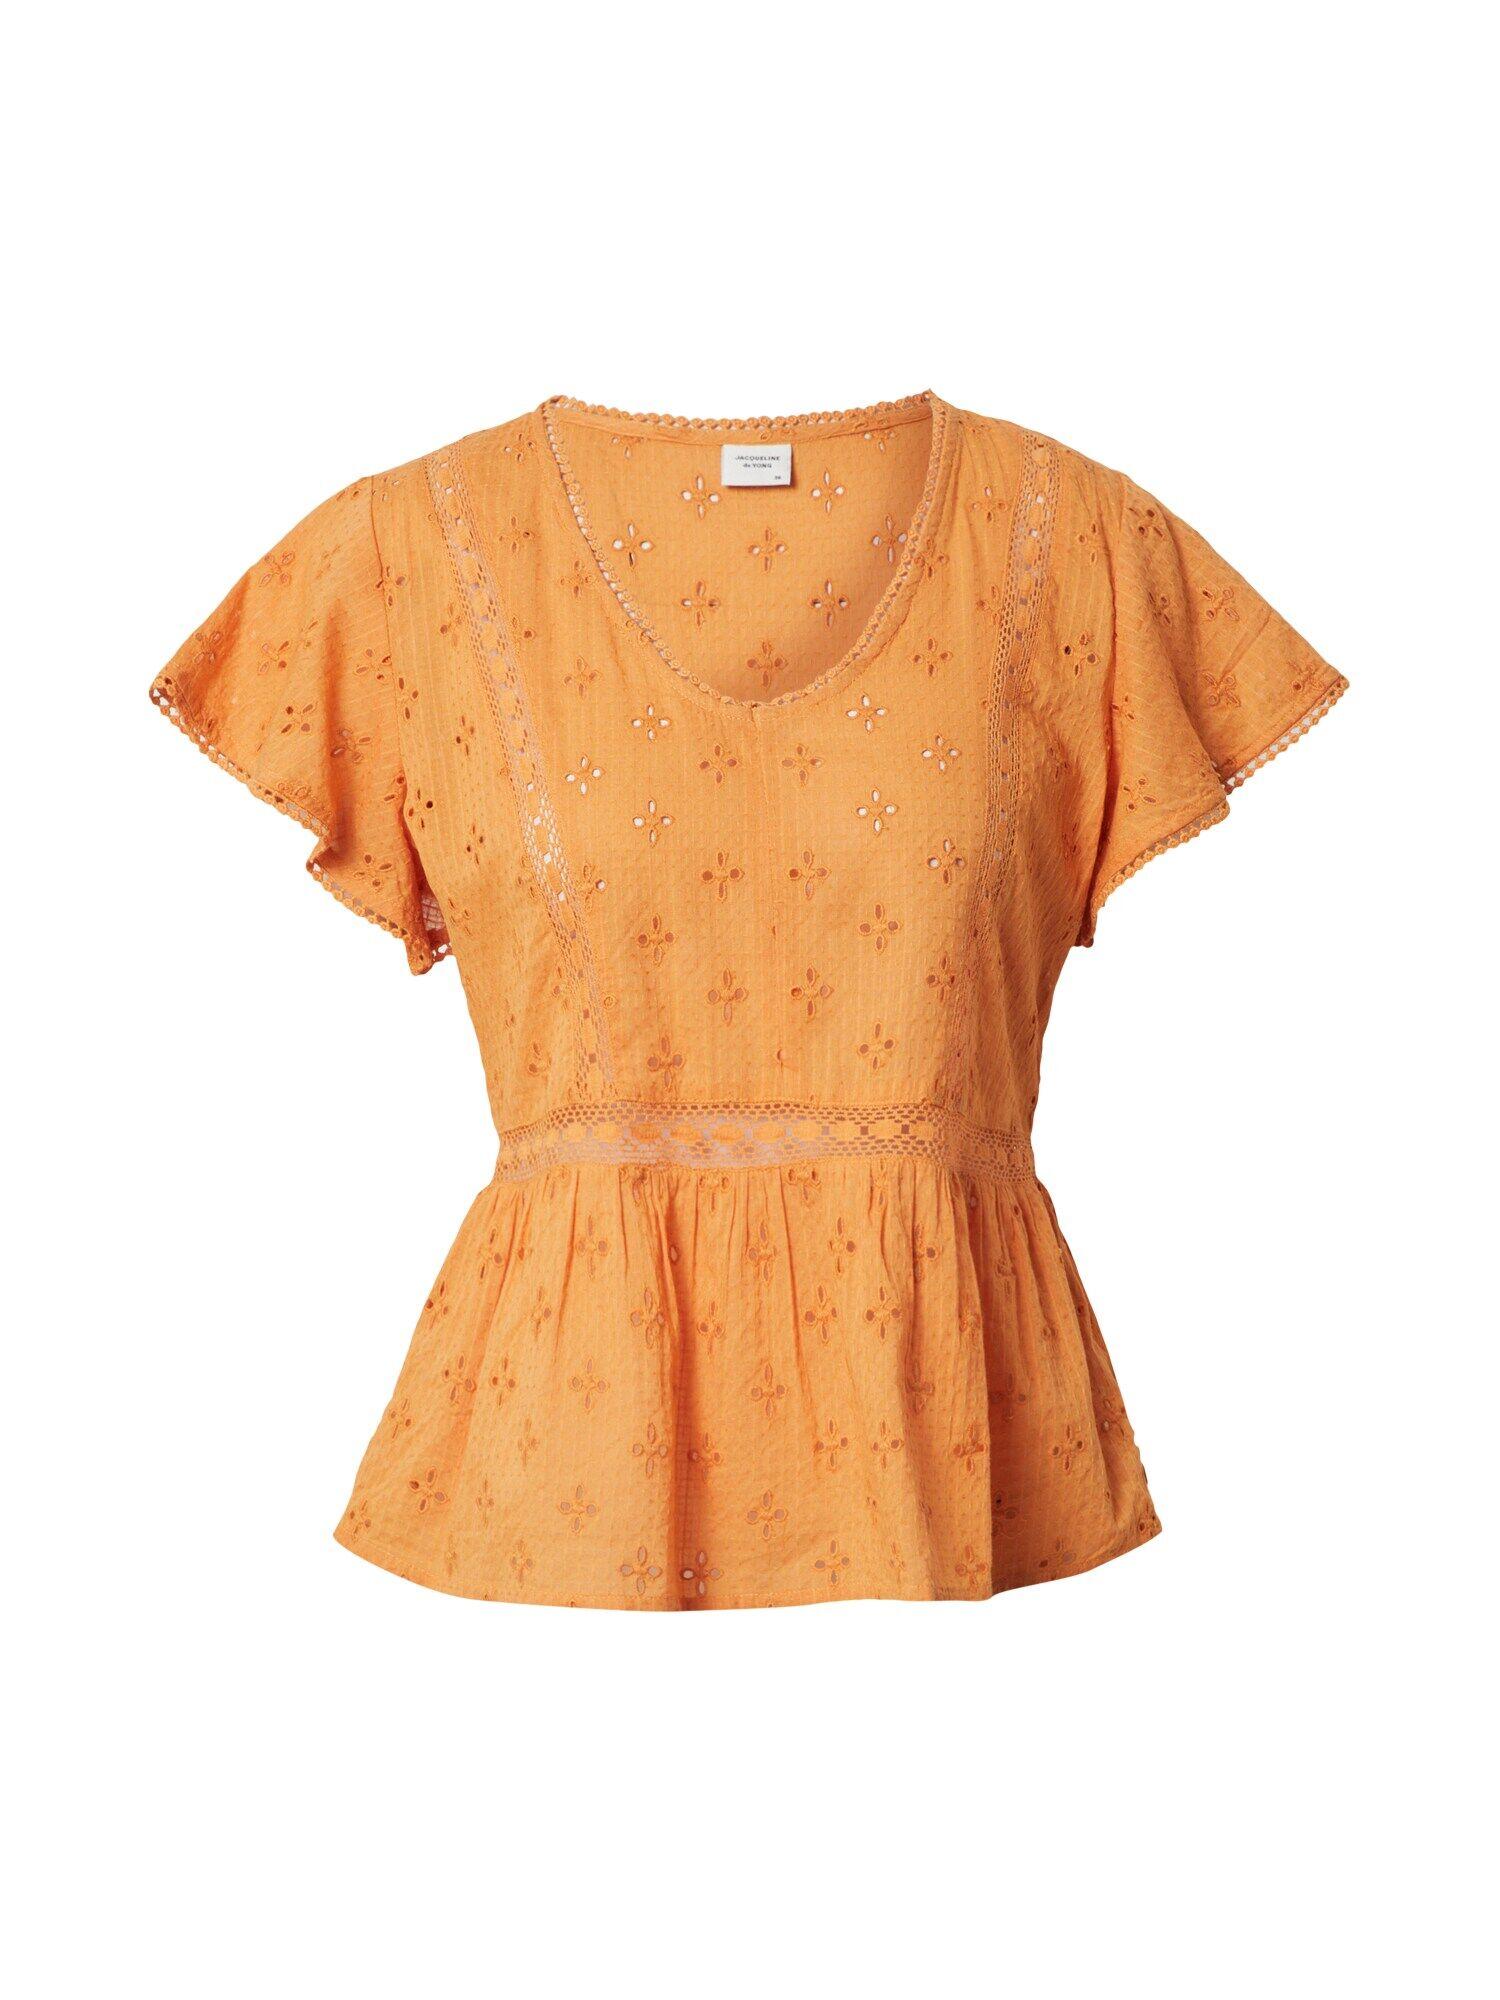 jdy camicia da donna 'vera' arancione